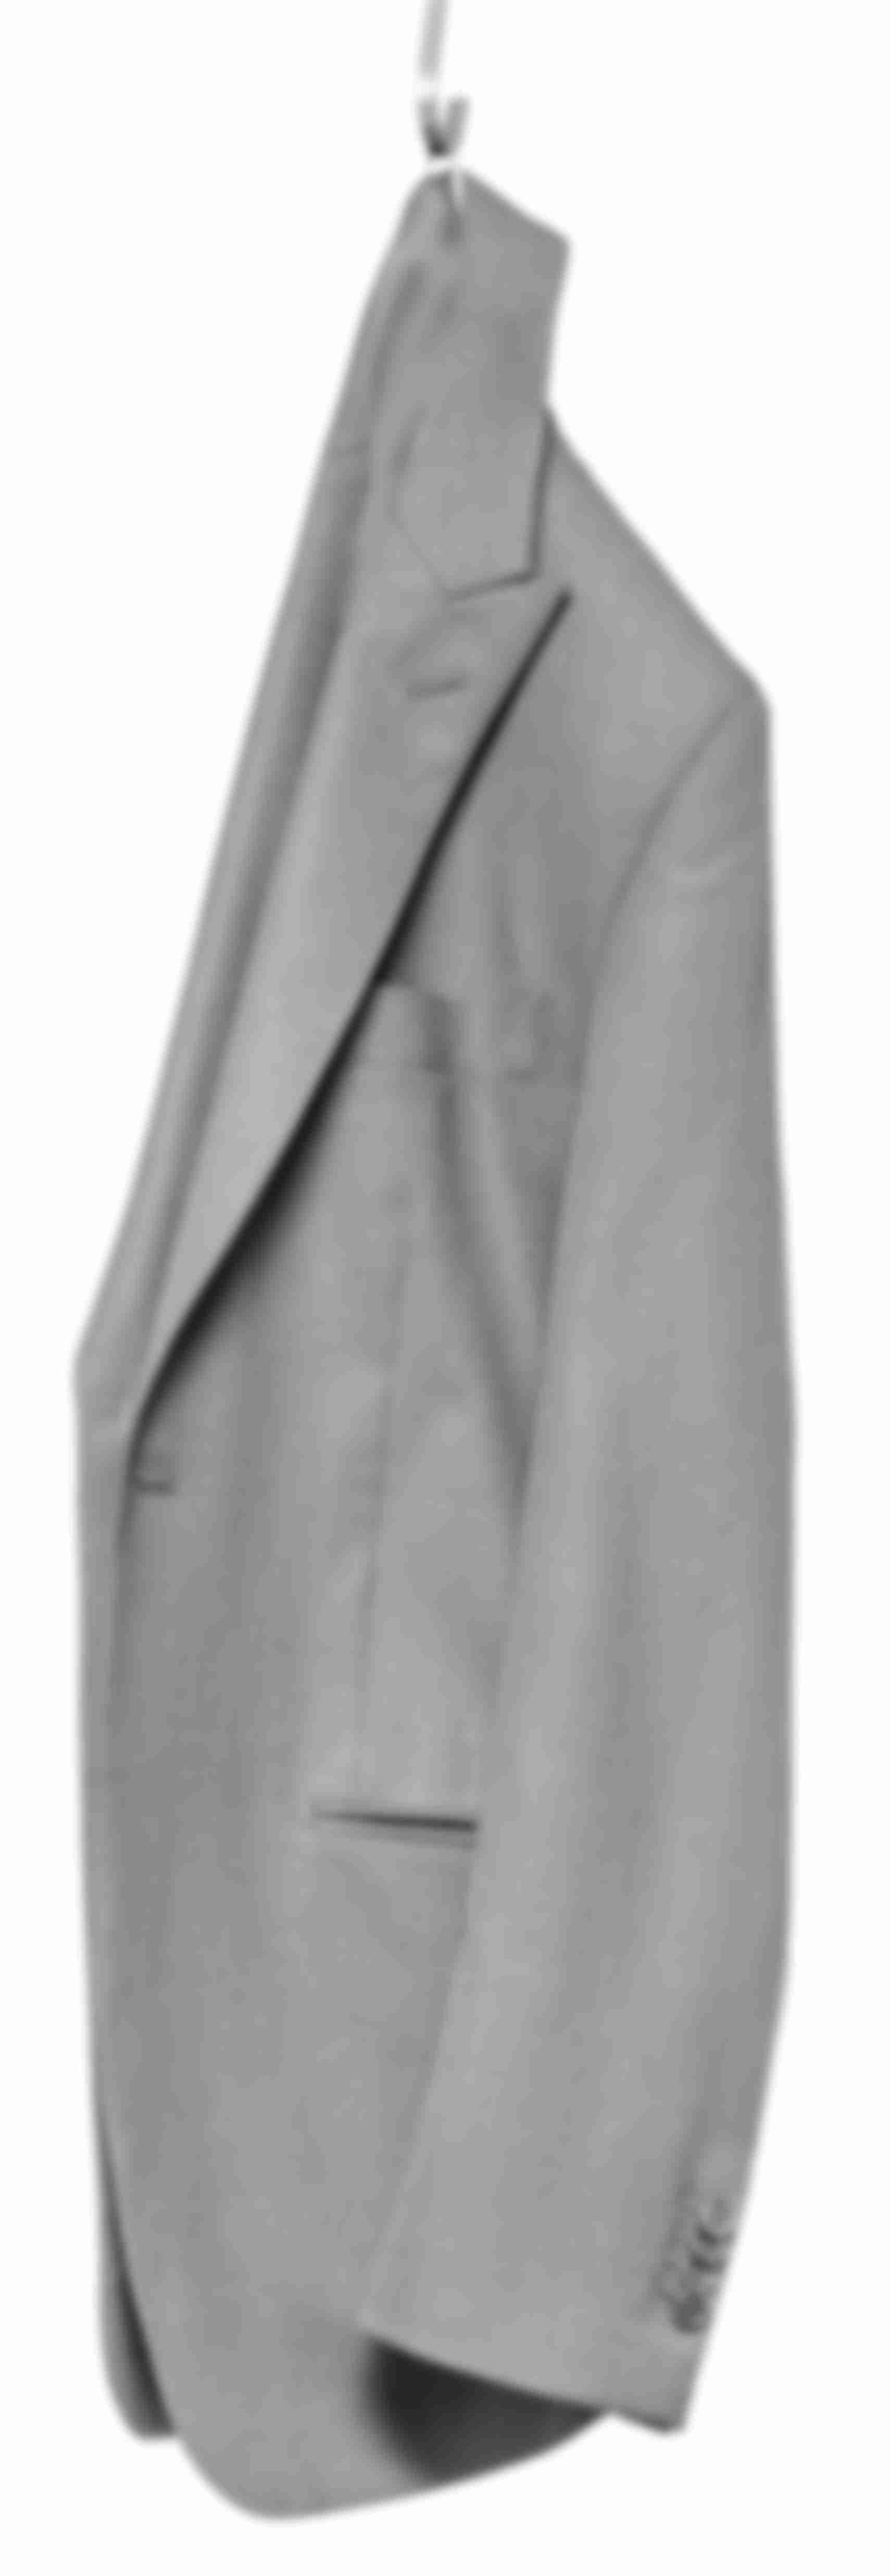 Veste déconstruite grise moyen Atelier Mesure suspendue